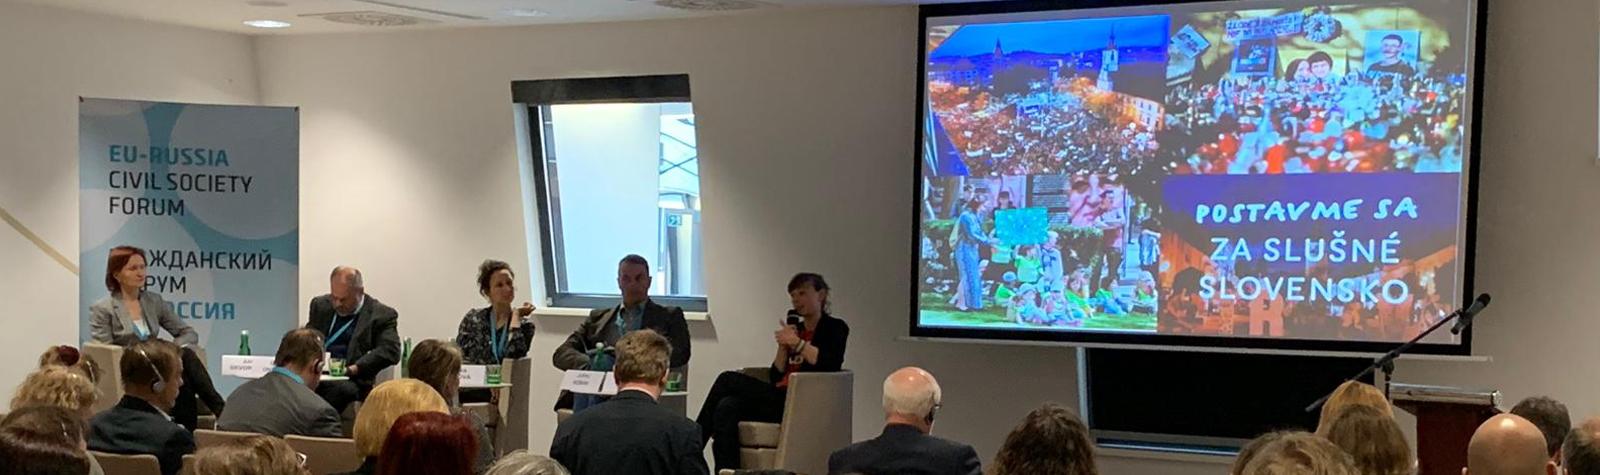 Гражданский форум ЕС-Россия: в Братиславе иностранные агенты обсудили способы возвращения России на демократический курс